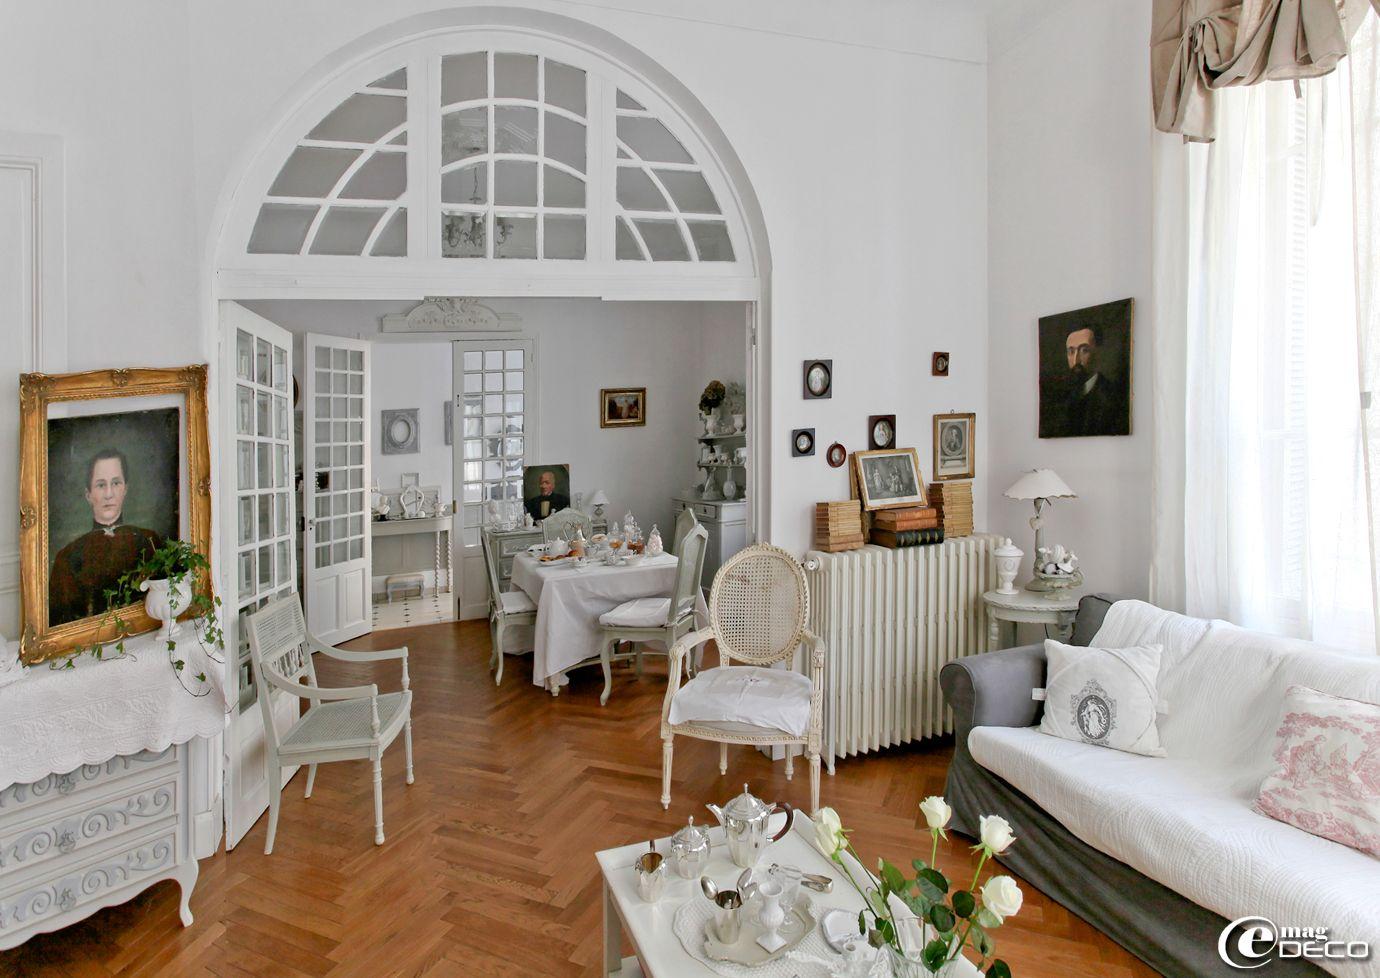 pour parfaire l esprit maison de famille la propri taire de cet appartement n mois a plac pl. Black Bedroom Furniture Sets. Home Design Ideas